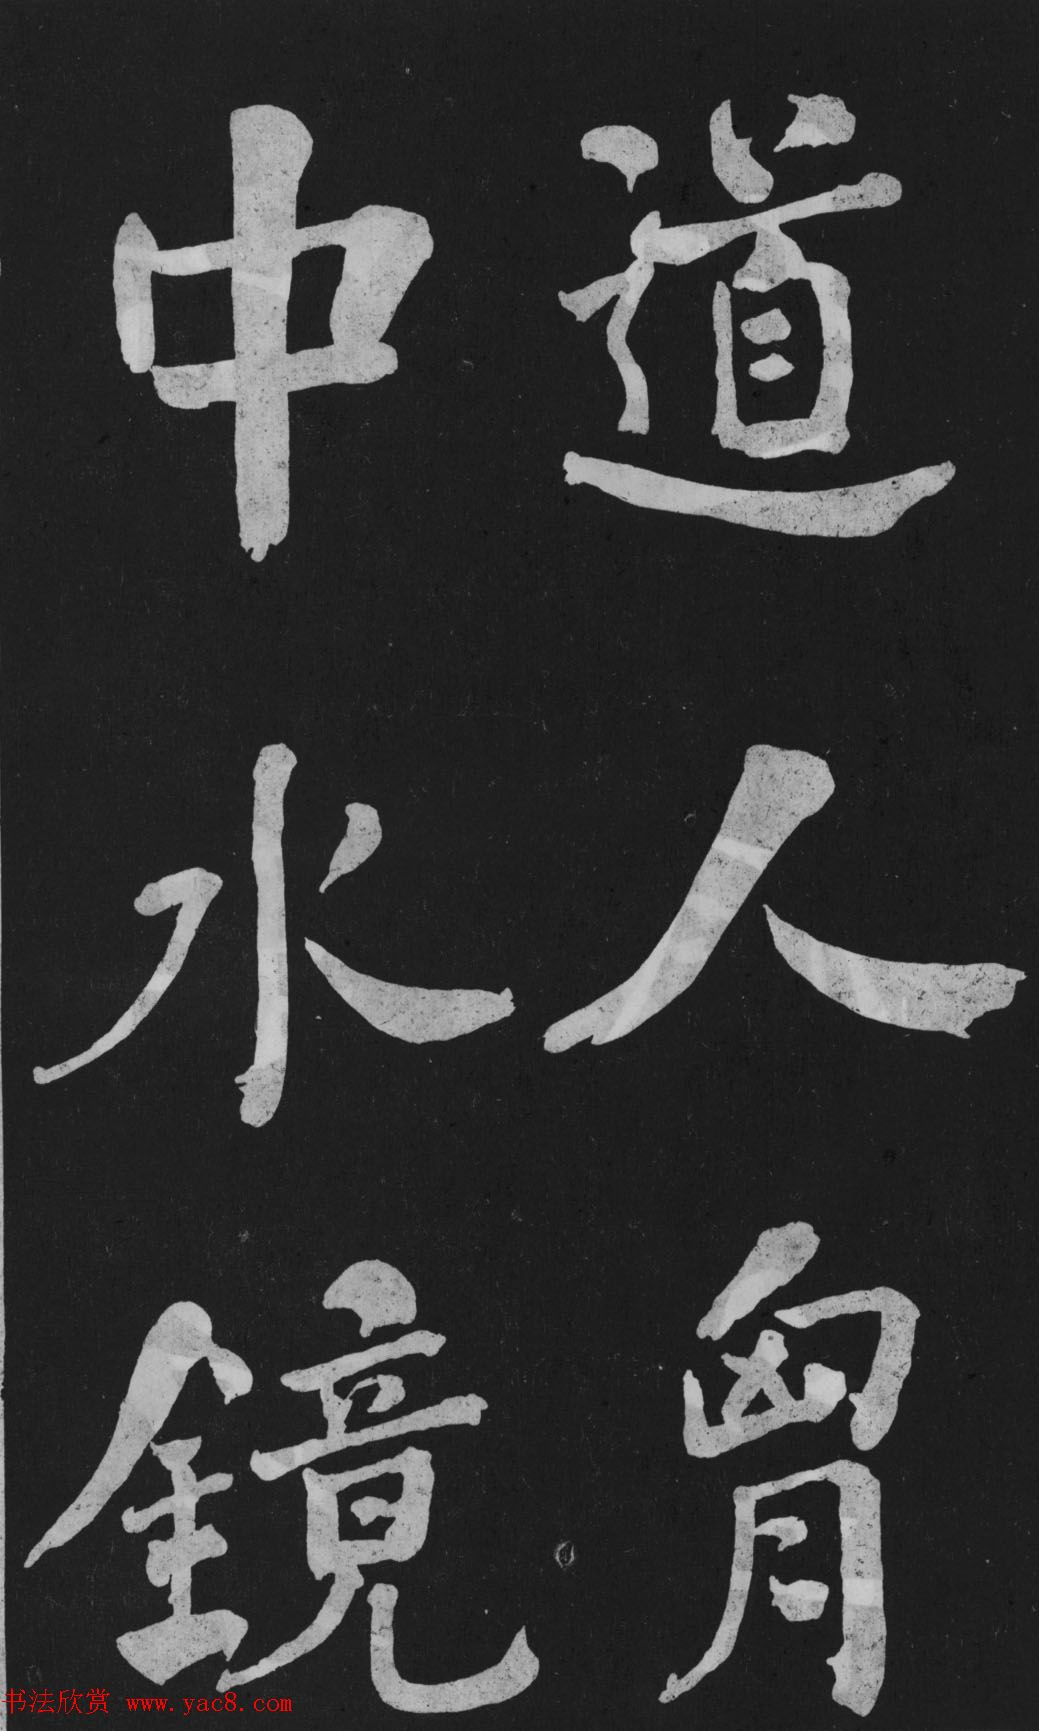 清代书法家何绍基楷书欣赏《东坡诗册》